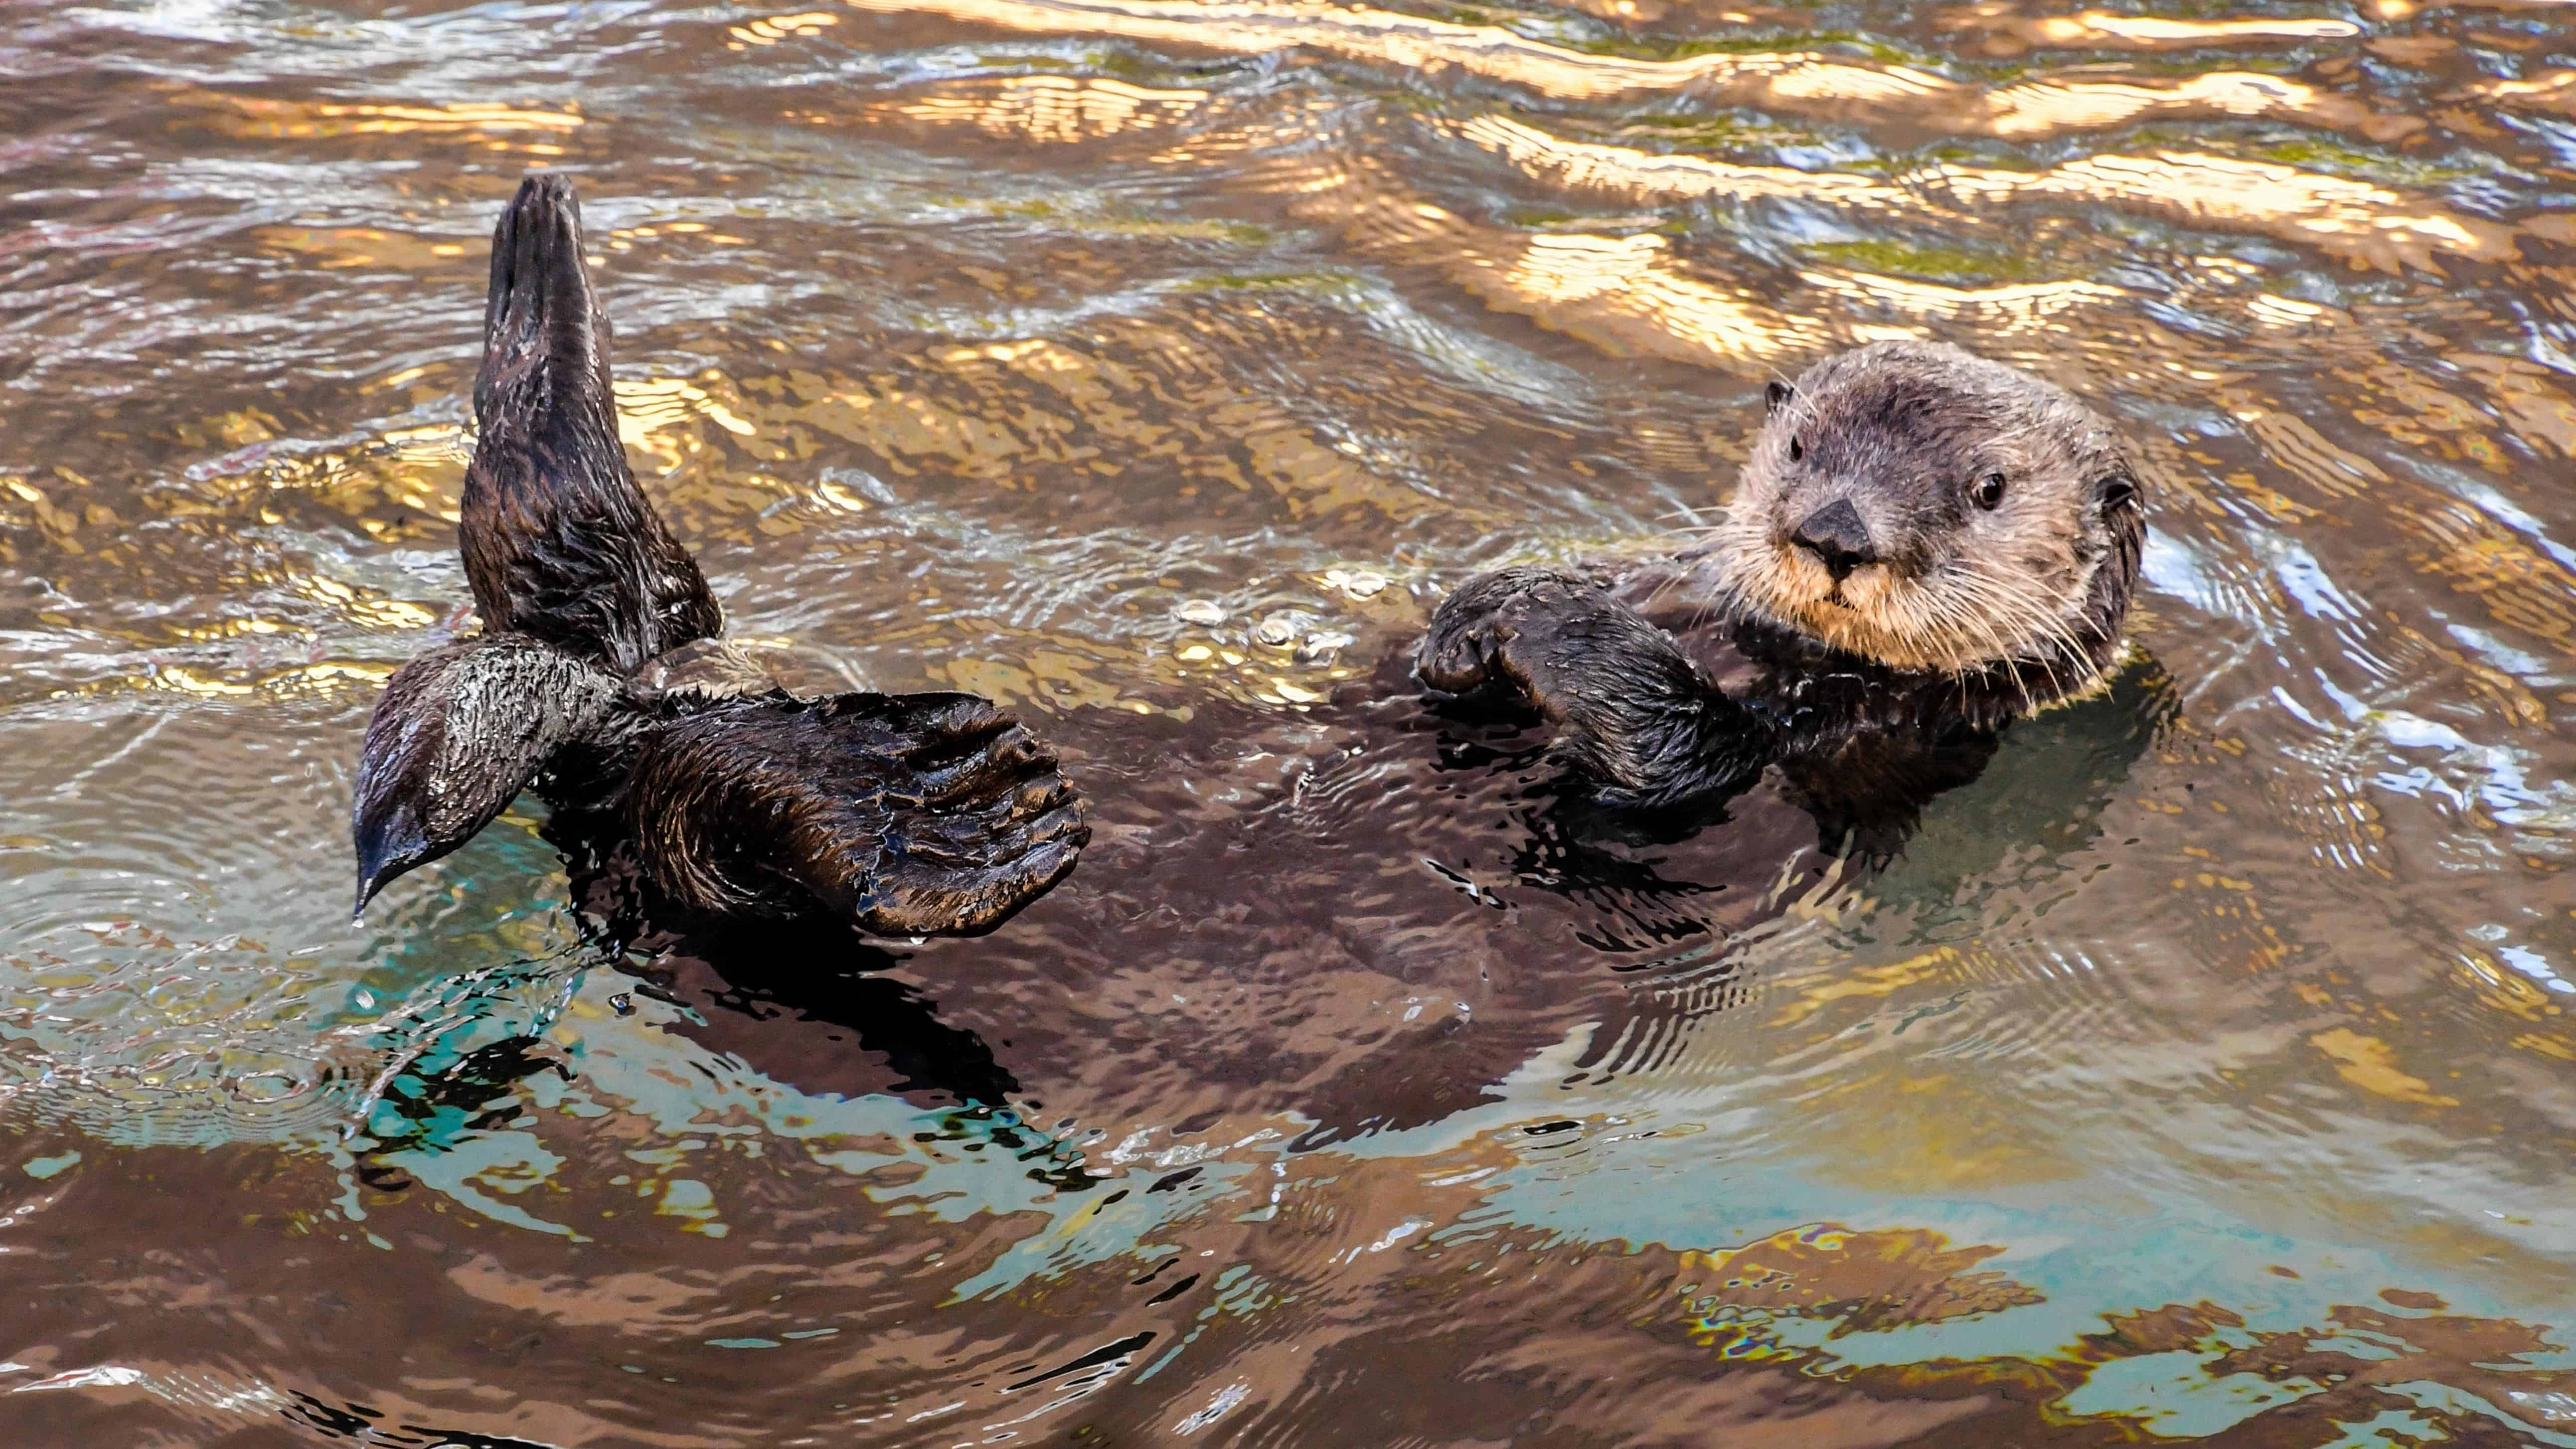 Kostenlose Bild: Tier, Wasser, braune Otter, Natur, Tierwelt, im freien